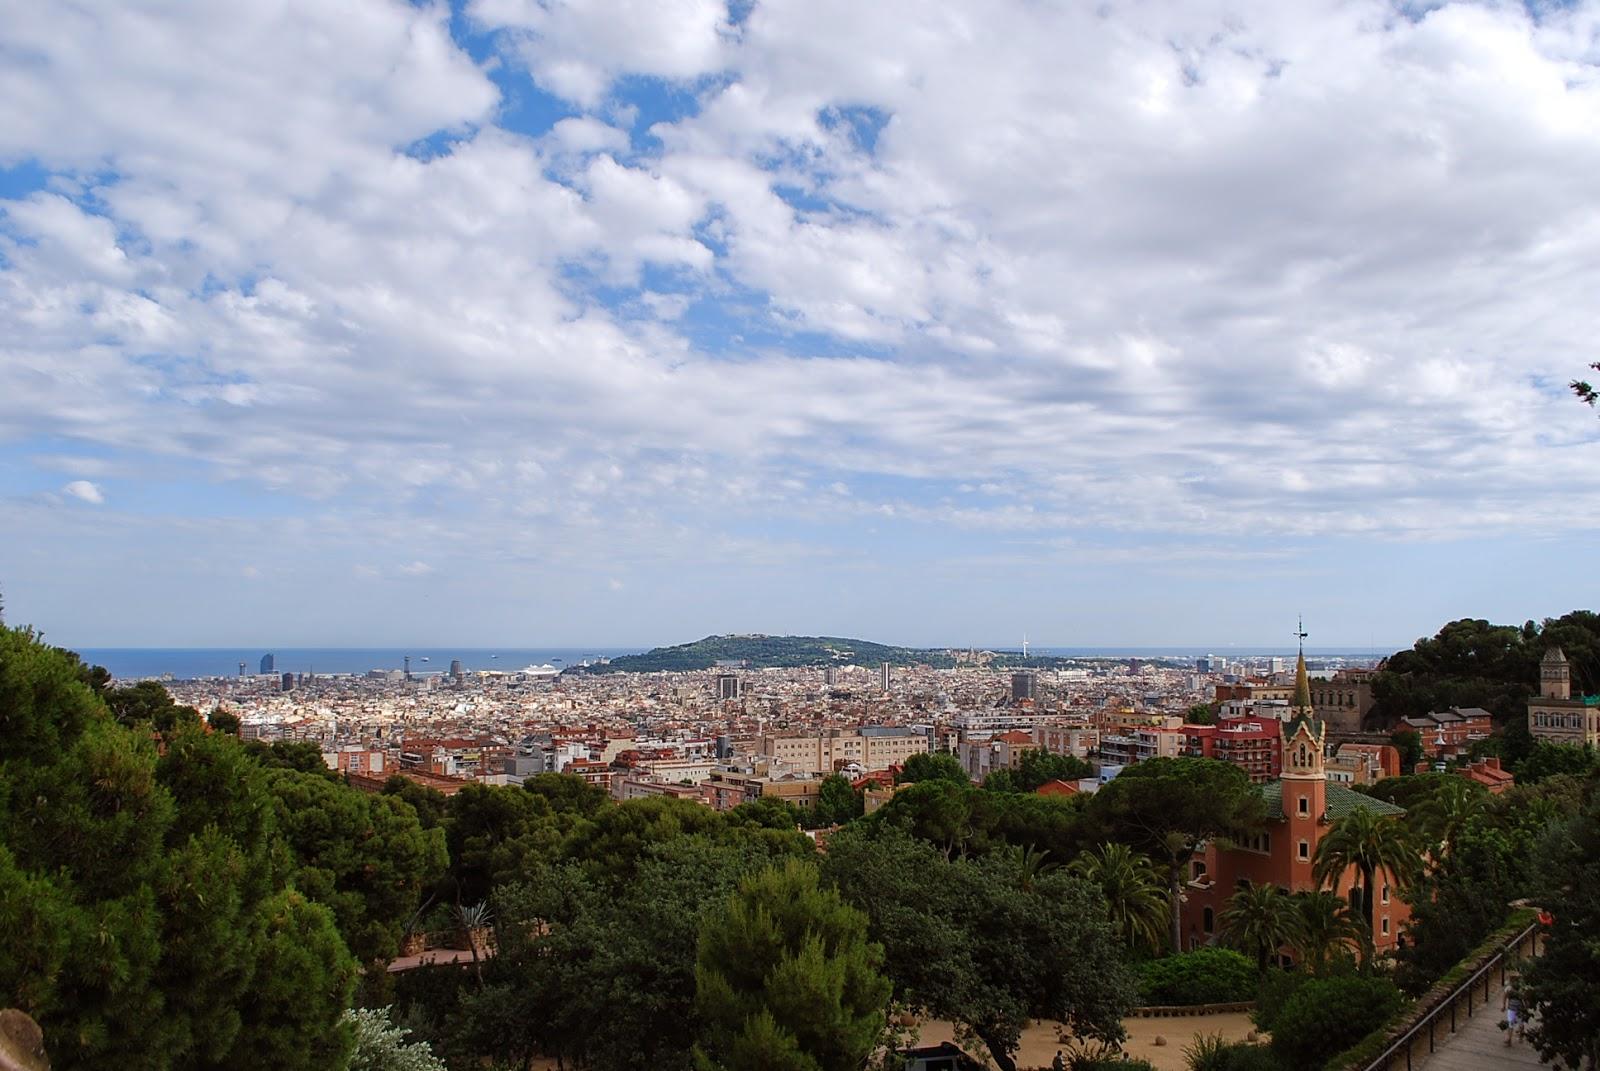 Парк Гуэля, Барселона, Испания/ Parque Güell, Barcelona, Catalonia, Spain